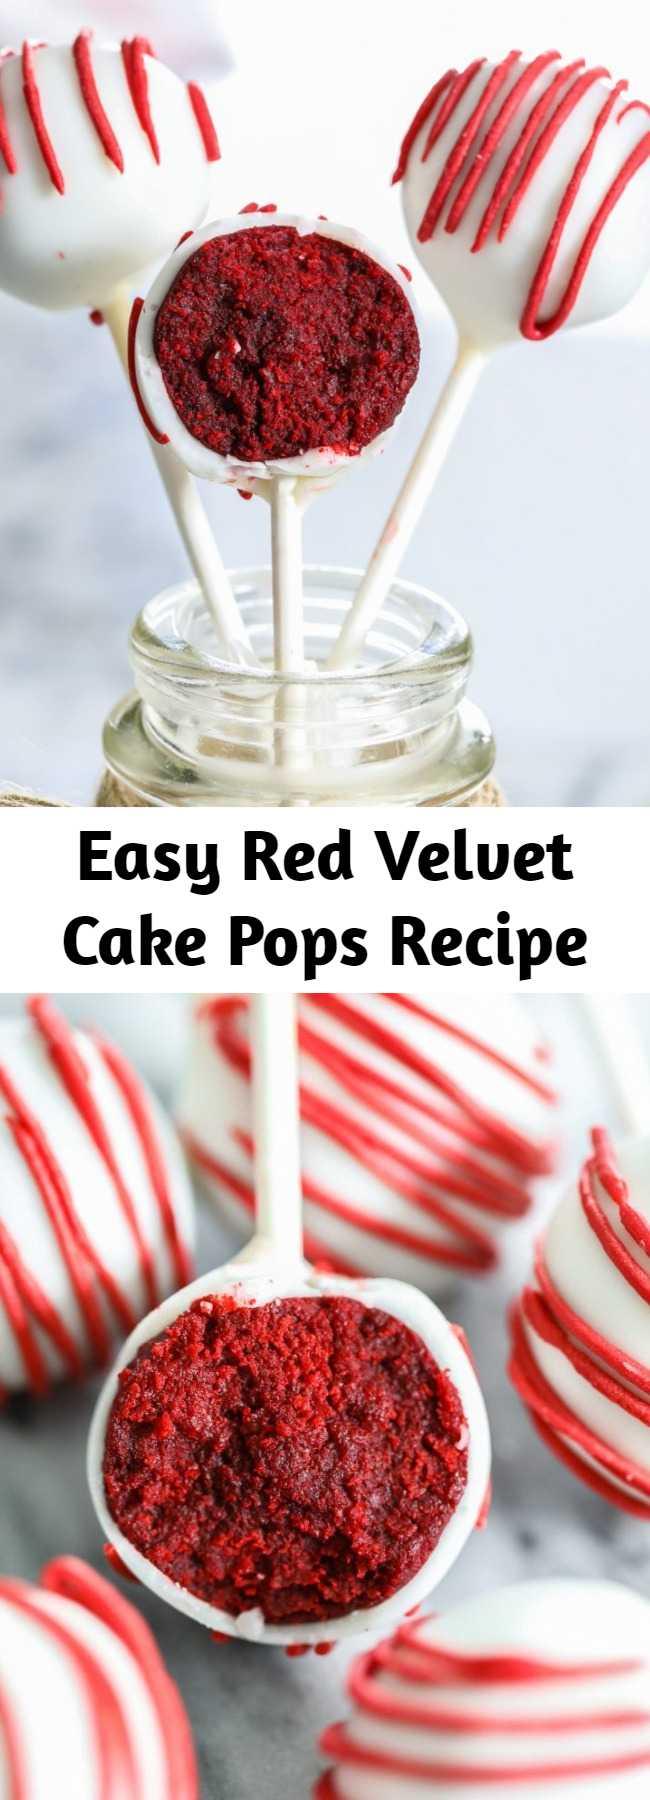 Easy Red Velvet Cake Pops Recipe - The easiest and fuss-free red velvet cake pops recipe! These delicious treats will be the highlight of your next party or celebration! #redvelvet #cakepops #easycakepops #cakepoprecipe #redvelvetcakepops